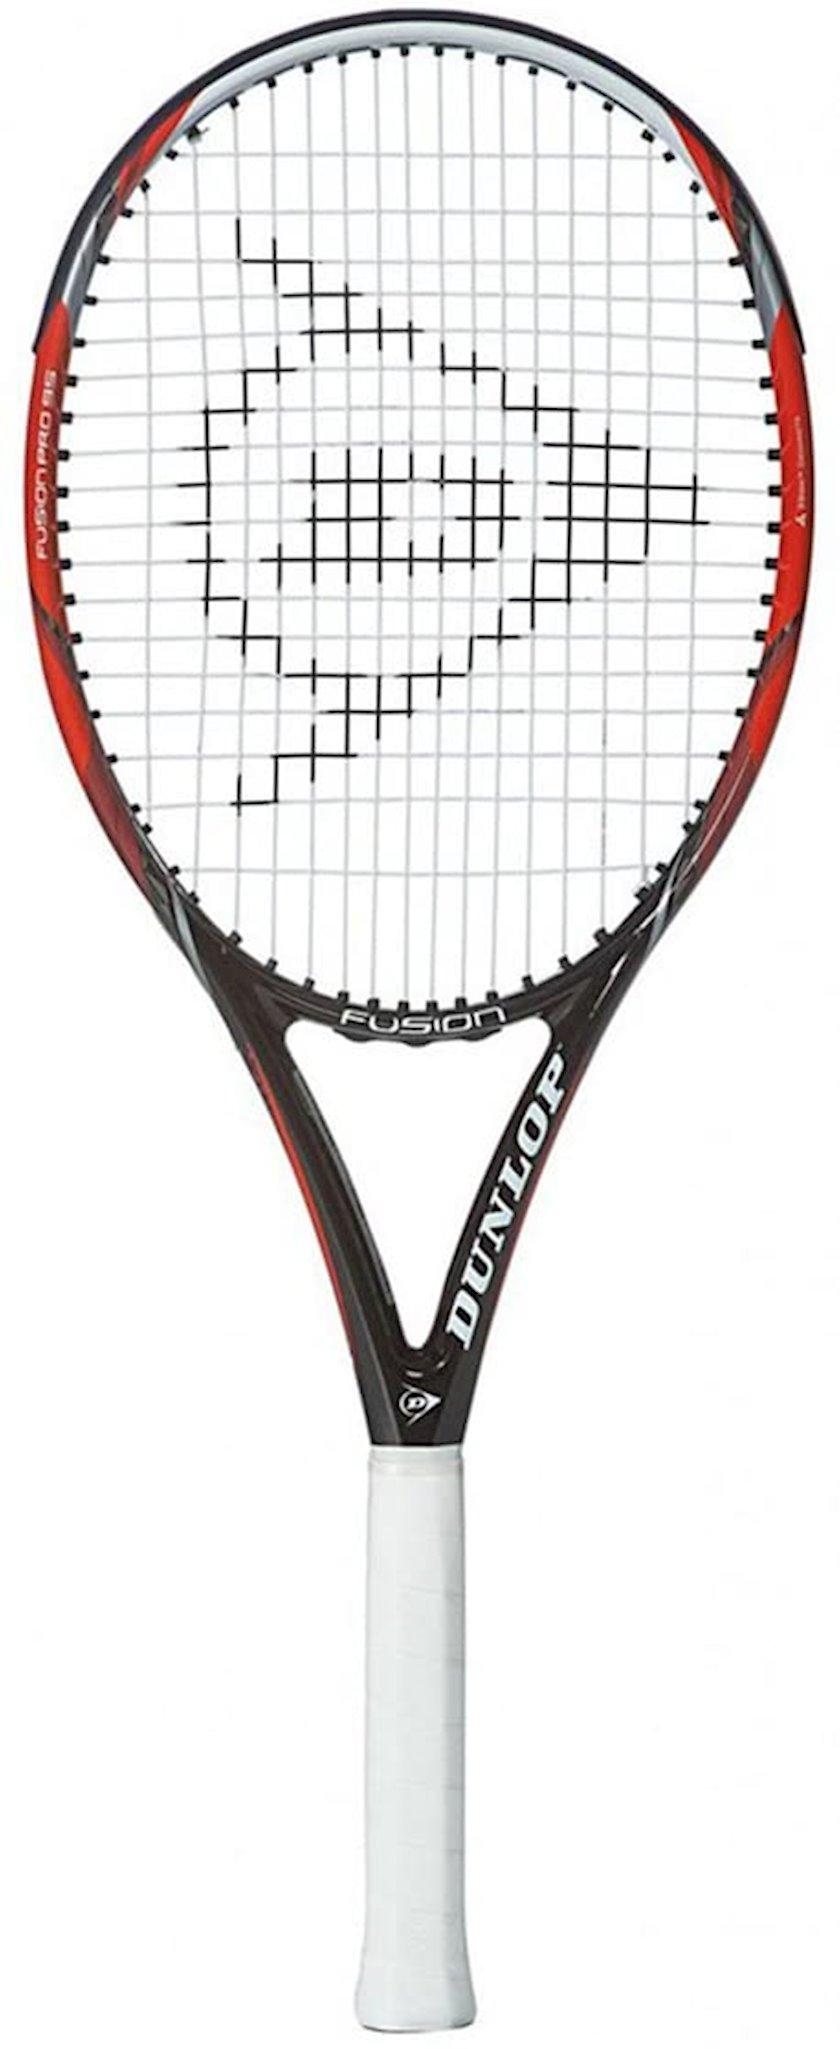 Böyük tennis üçün tennis raketkası Dunlop Fusion Pro 95 L3, uniseks, qrafit, qırmızı/qara, 255 q